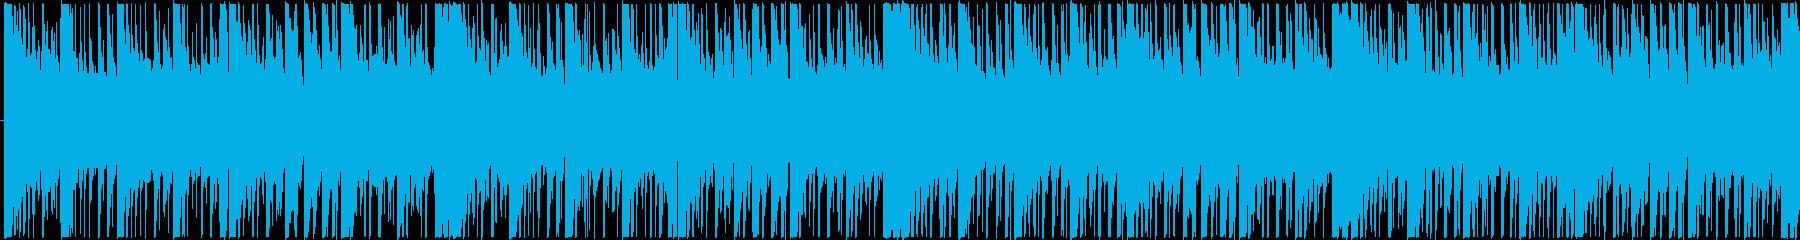 神秘的な和風アンビエント(ループB)の再生済みの波形